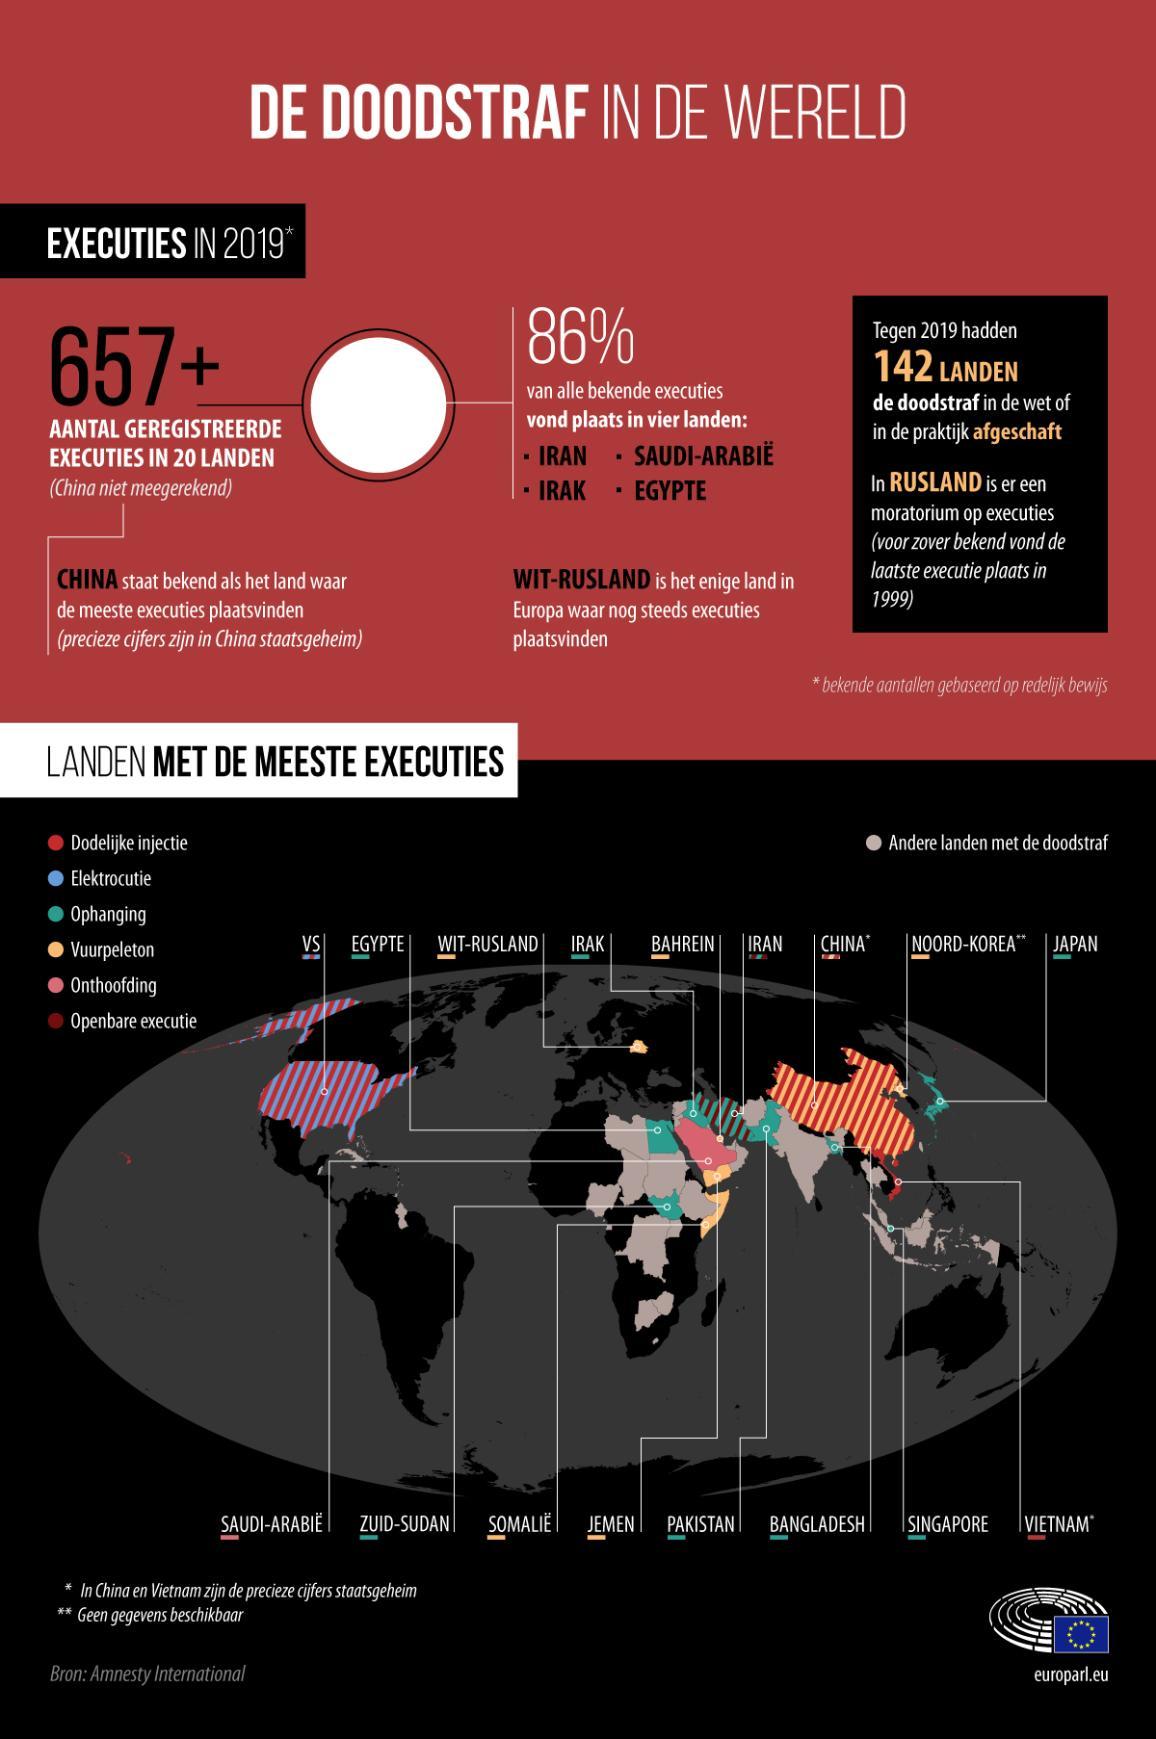 Infografiek met globale cijfers over de doodstraf in 2019 en een kaart met landen met de meeste terechtstellingen